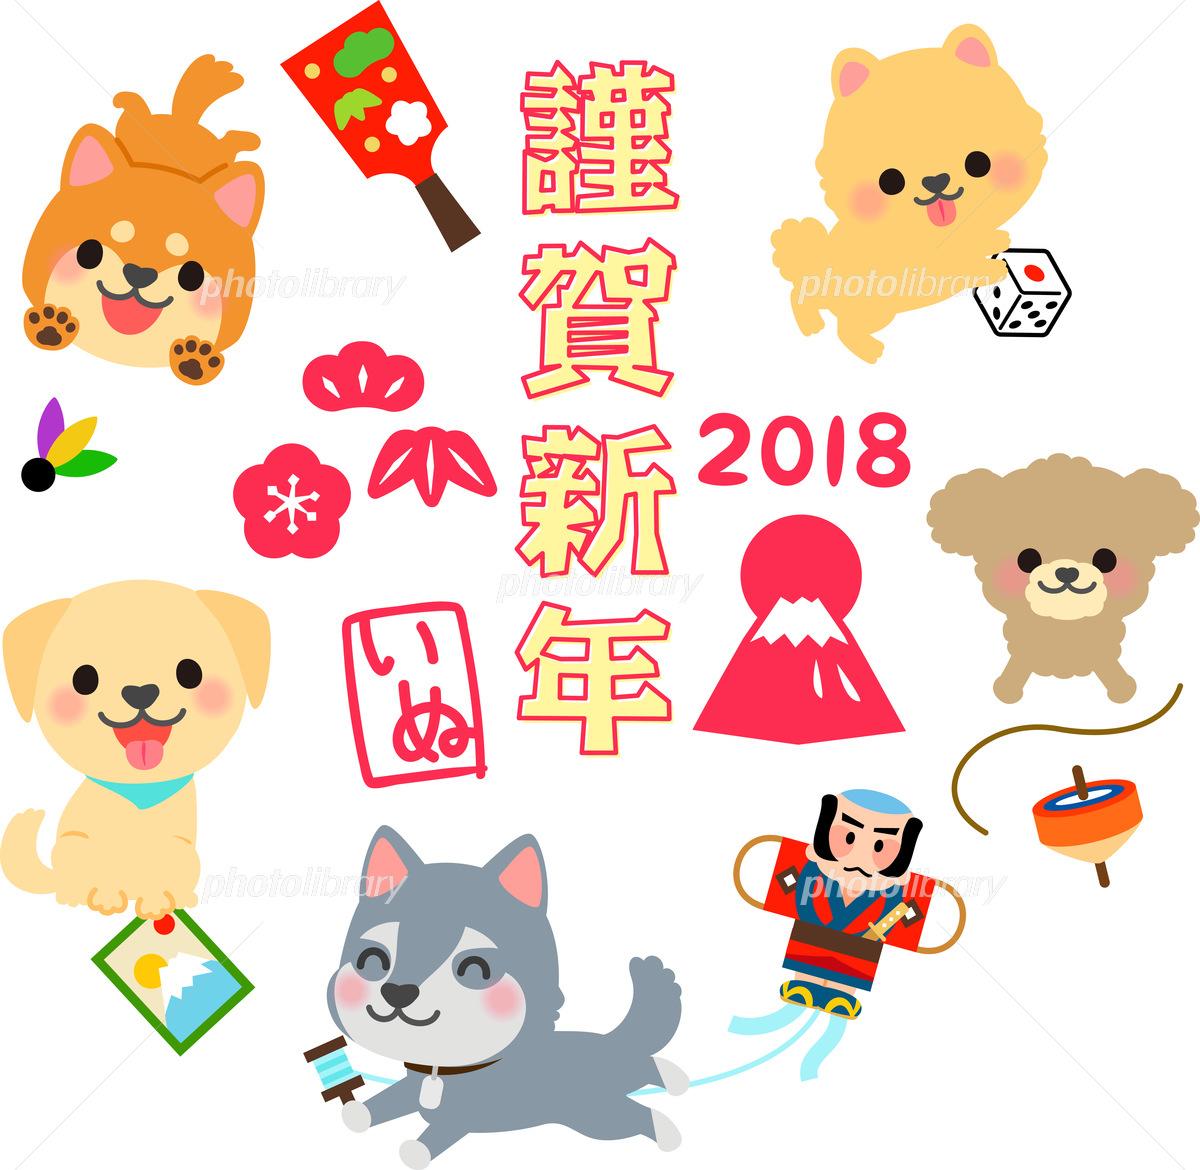 2018戌年のイラスト 正月遊び イラスト素材 [ 5328206 ] - フォトライブ